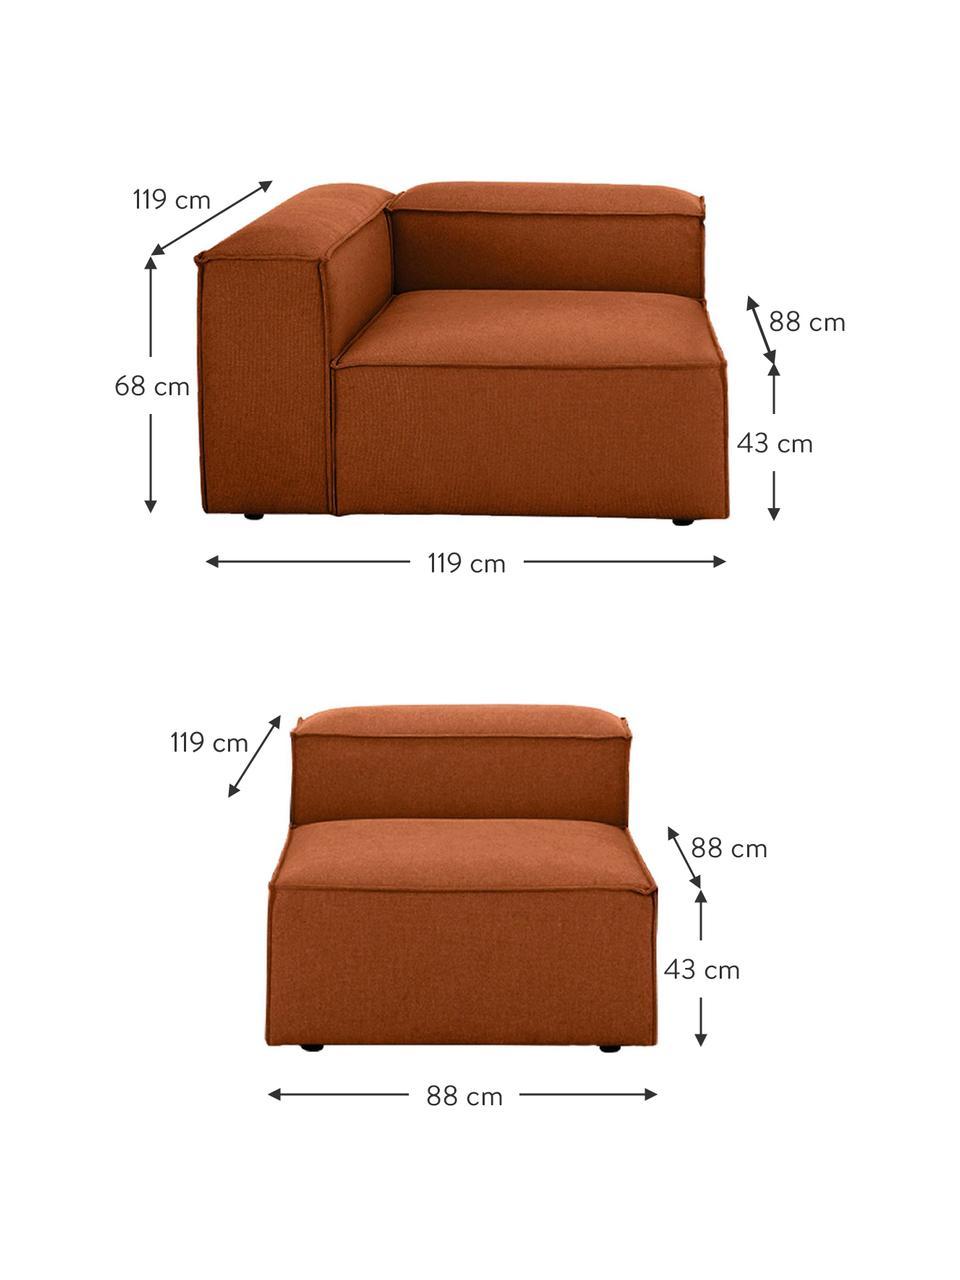 Modulares Sofa Lennon (4-Sitzer) in Terrakotta, Bezug: Polyester Der hochwertige, Gestell: Massives Kiefernholz, Spe, Füße: Kunststoff Die Füße befin, Webstoff Terrakotta, B 327 x T 119 cm